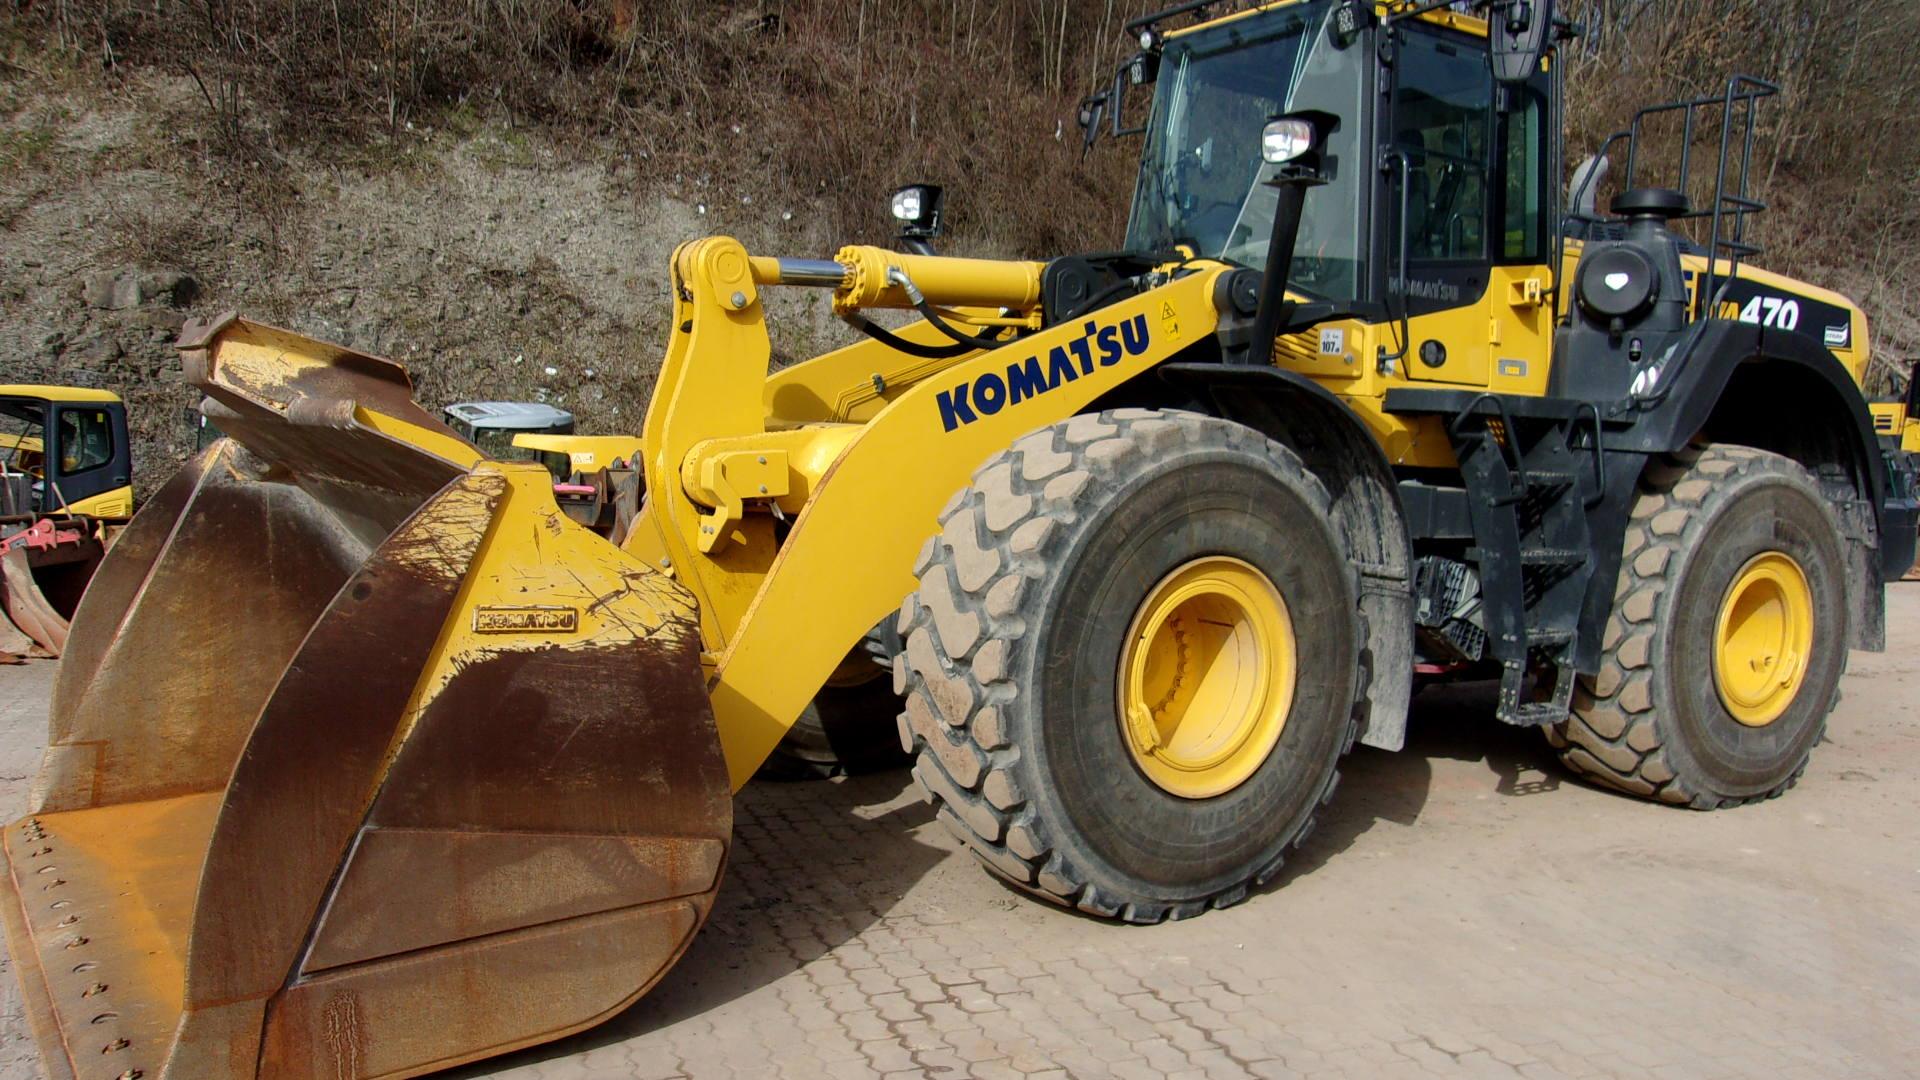 KOMATSU WA 470-8E0 - 01